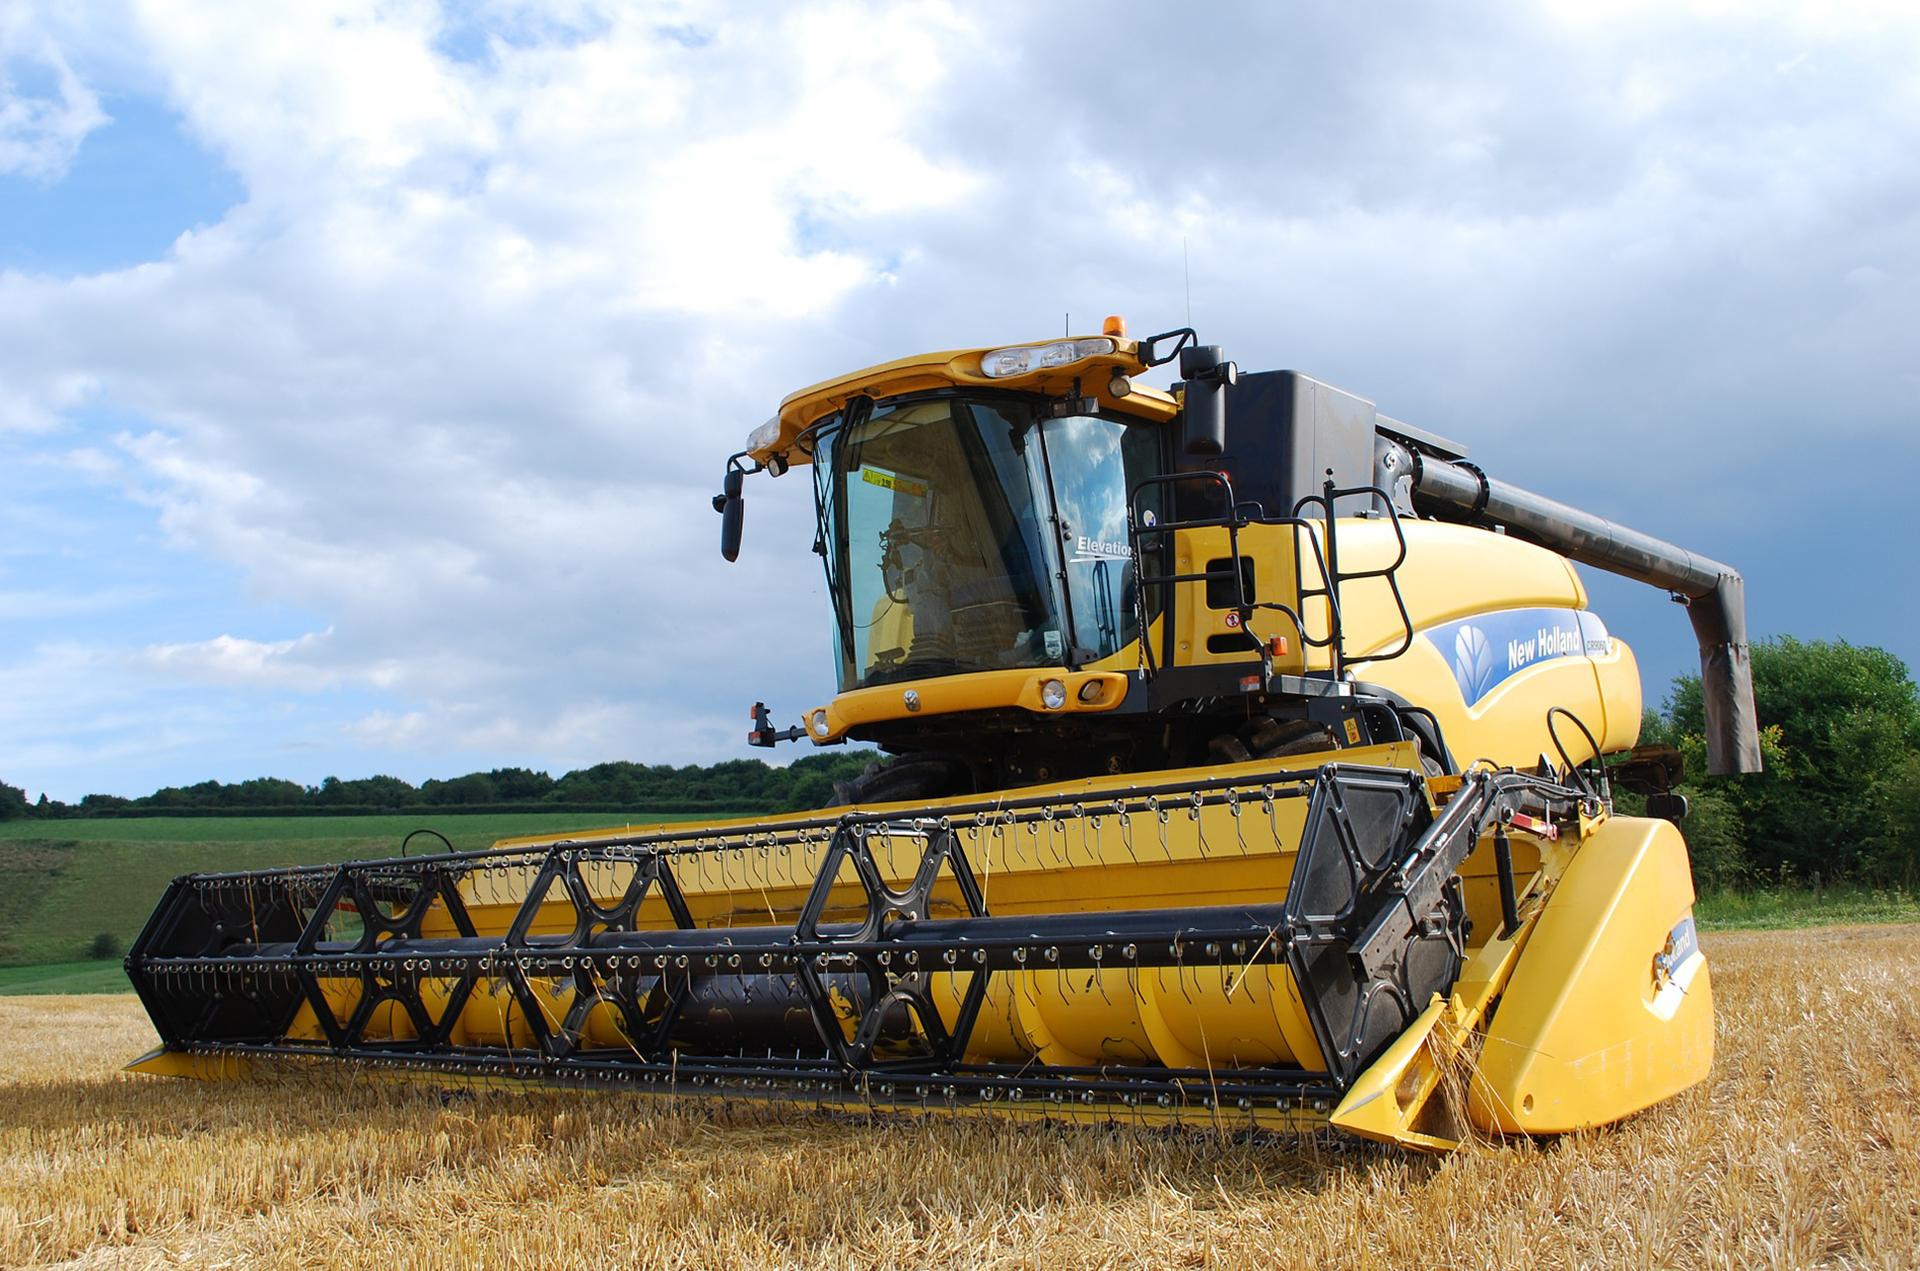 Оценка тракторов, комбайнов и другой сельскохозяйственной техники